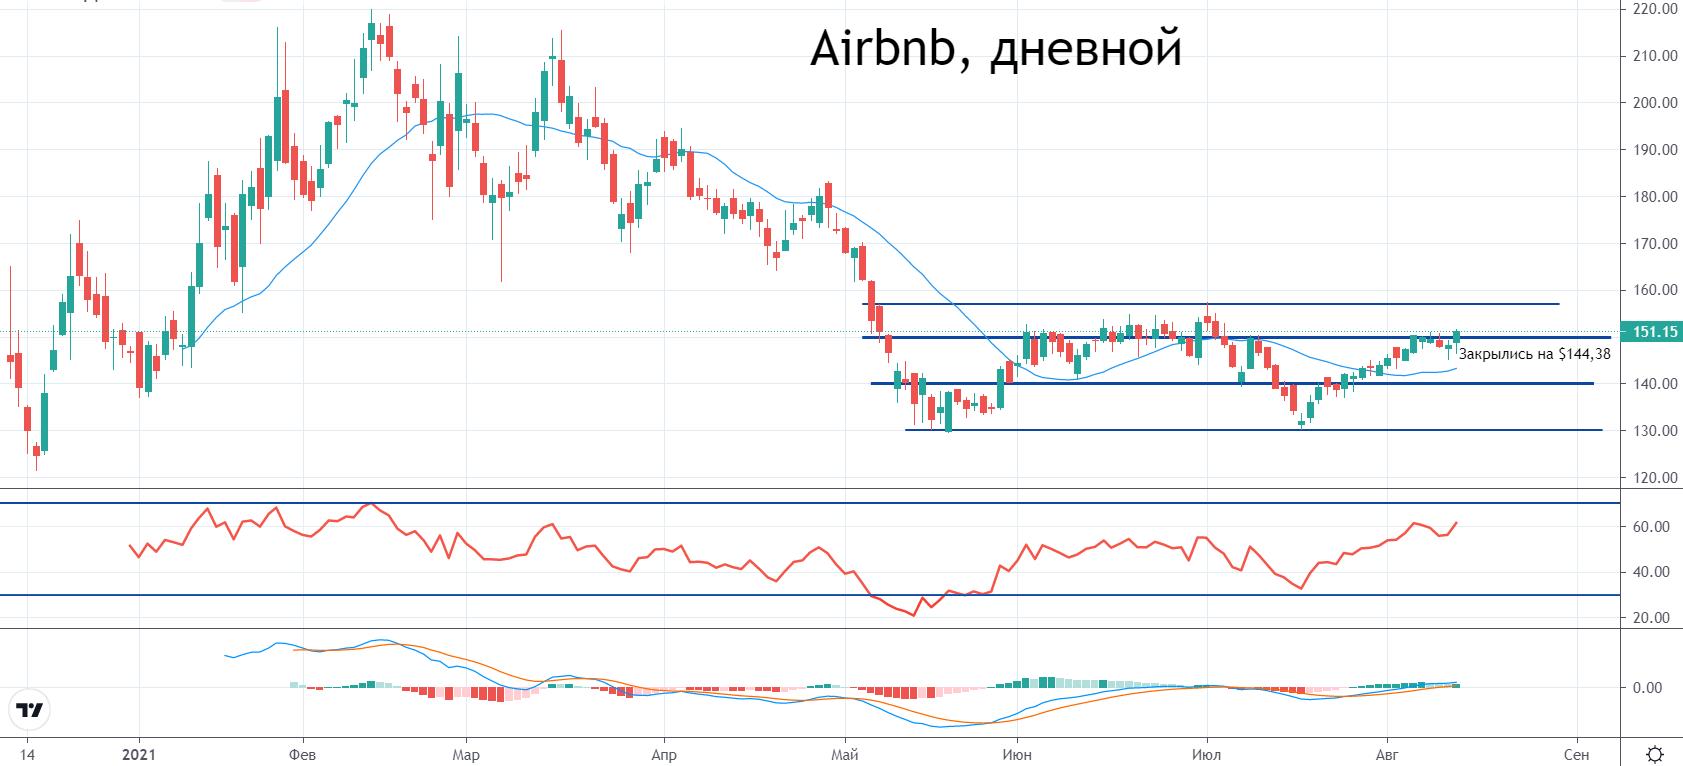 Акции Airbnb падают после отчета. Какие перспективы